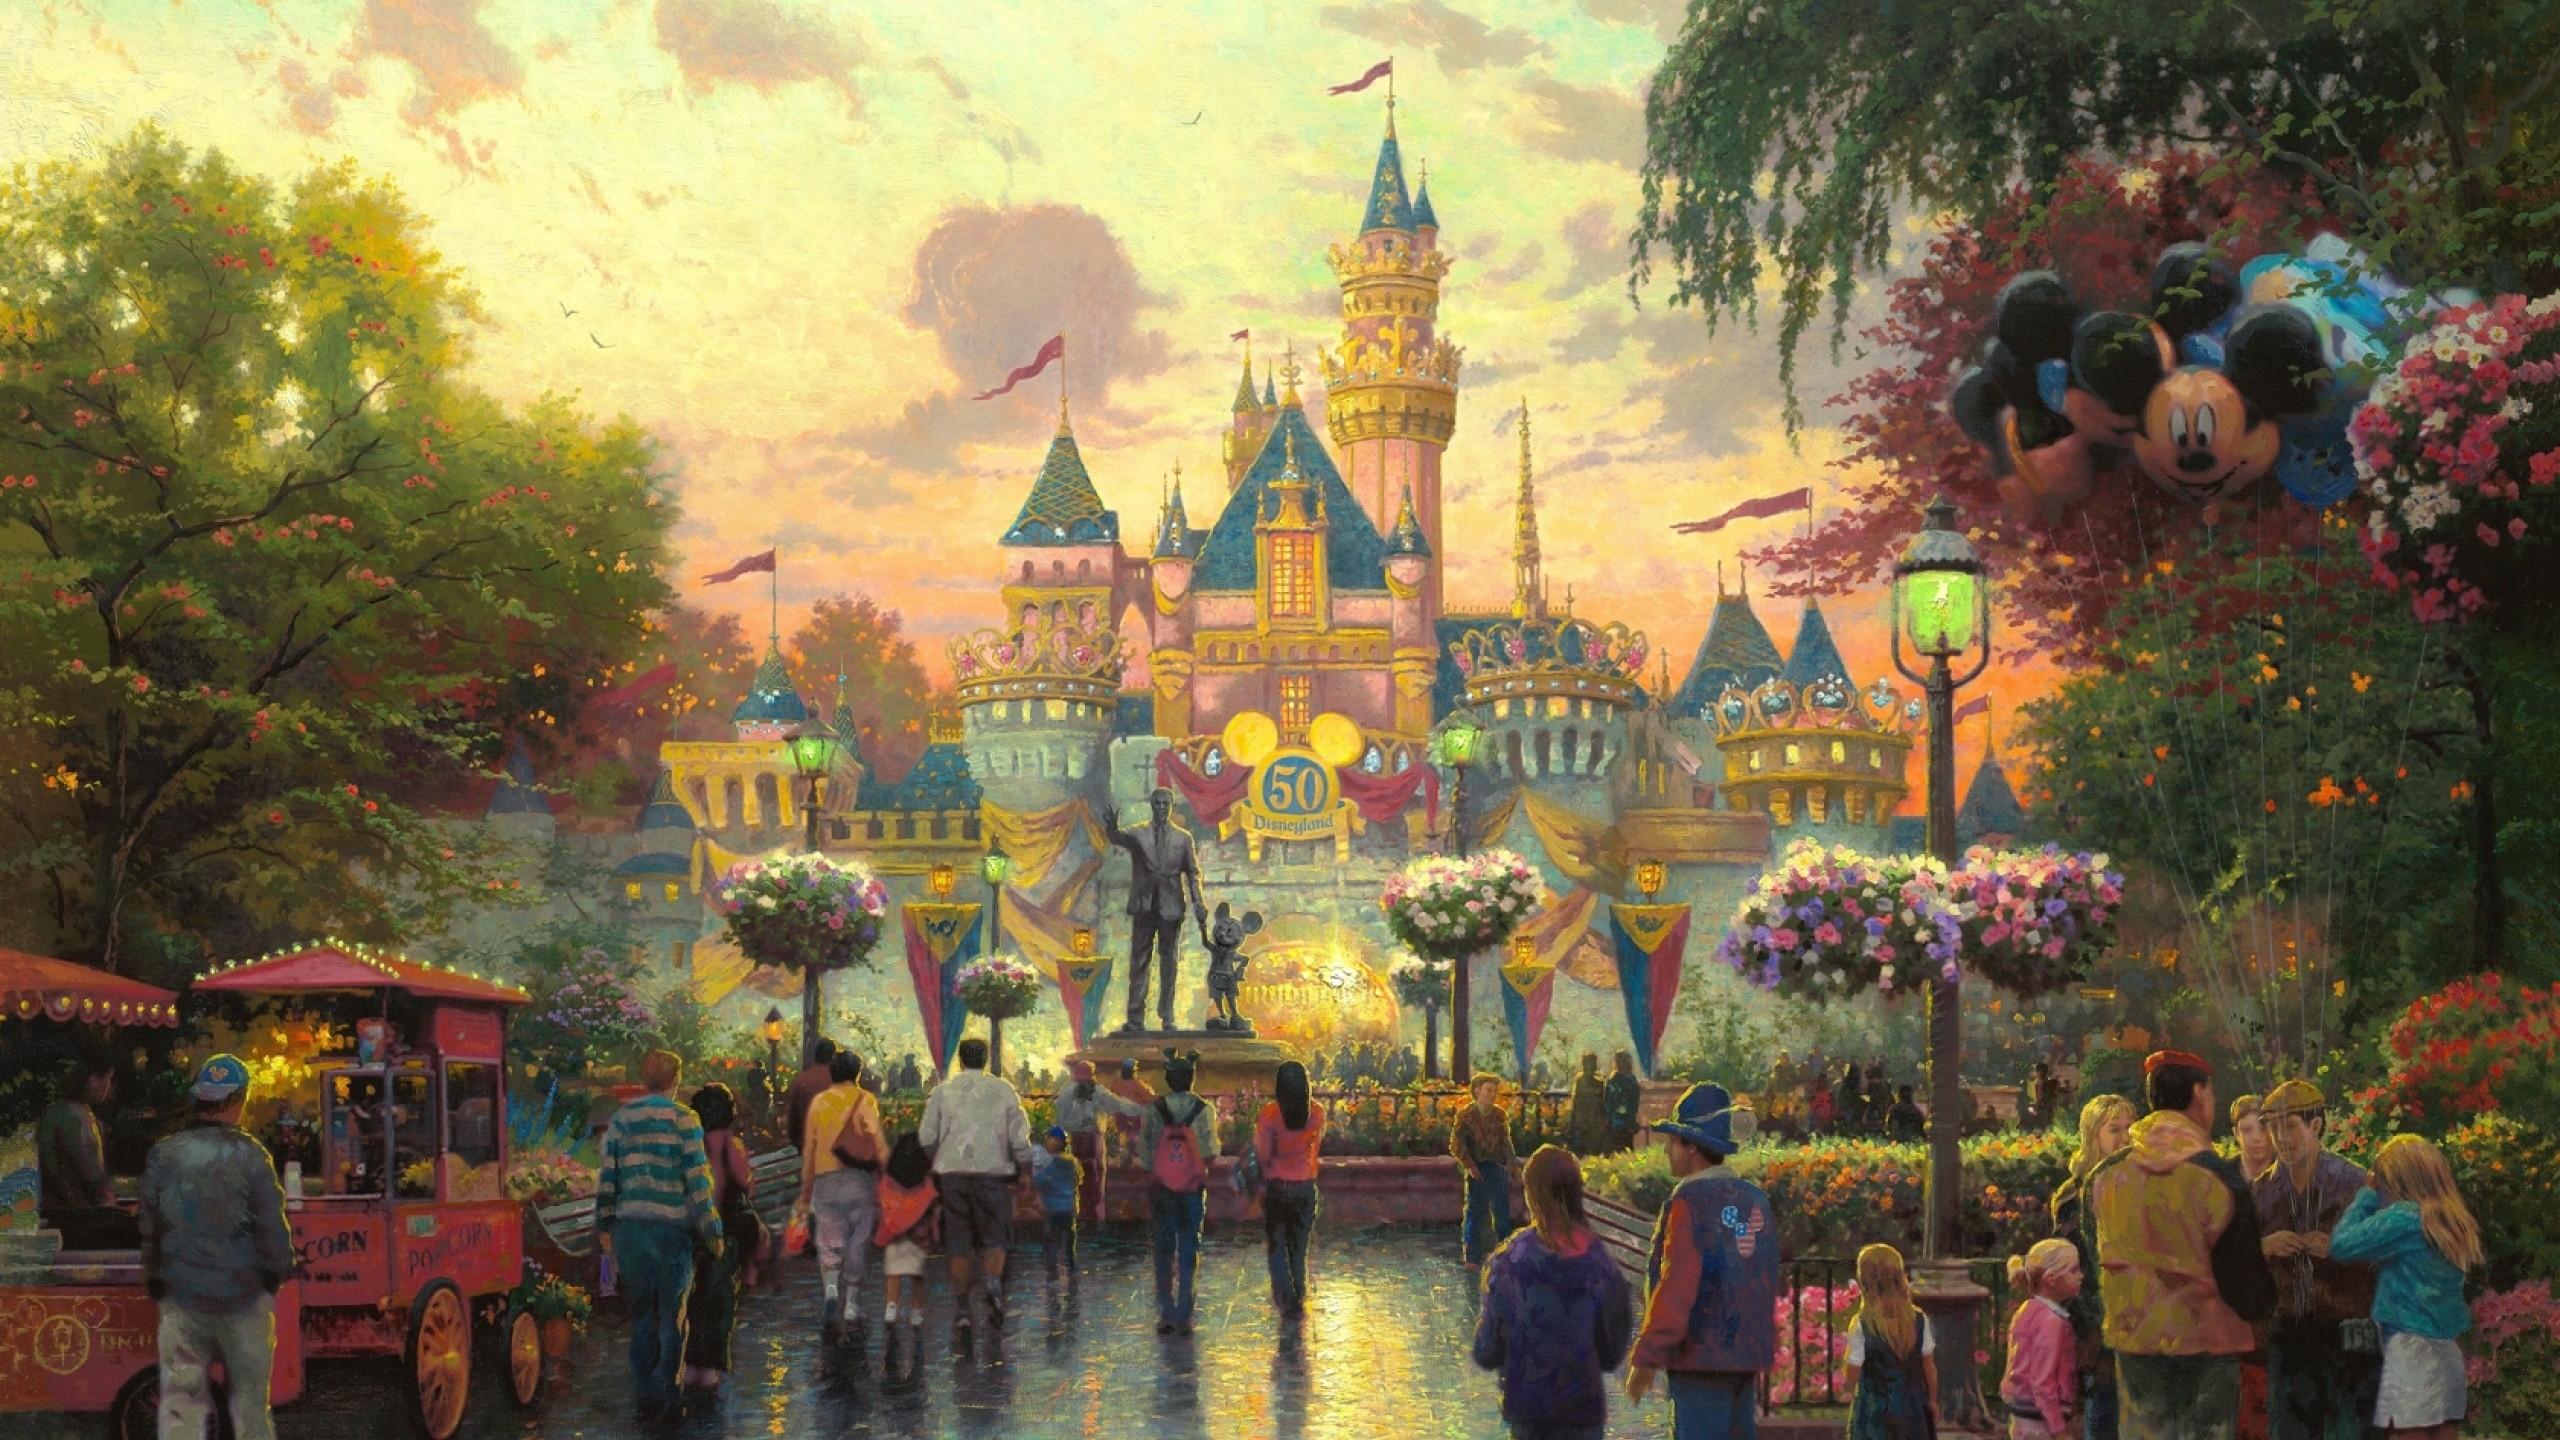 Tags: Cinderella Castle Disney